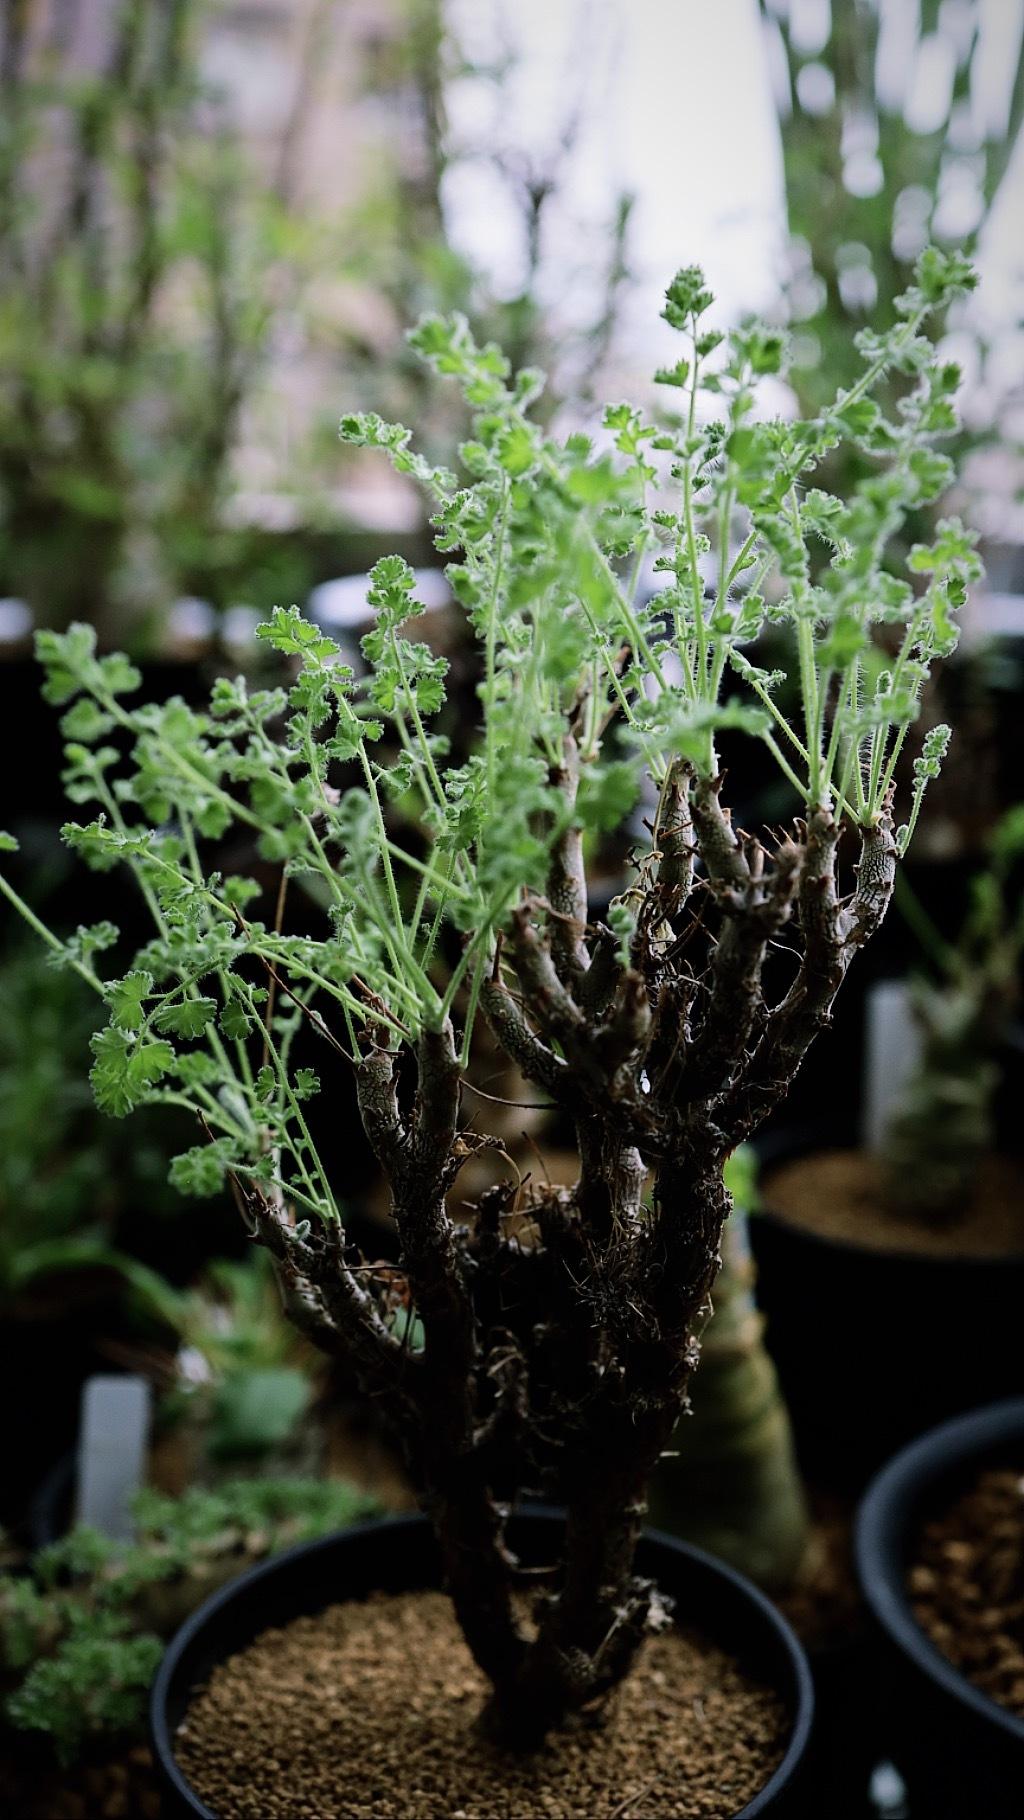 ペラルゴニウム・アルテルナンス   Pelargonium alternans